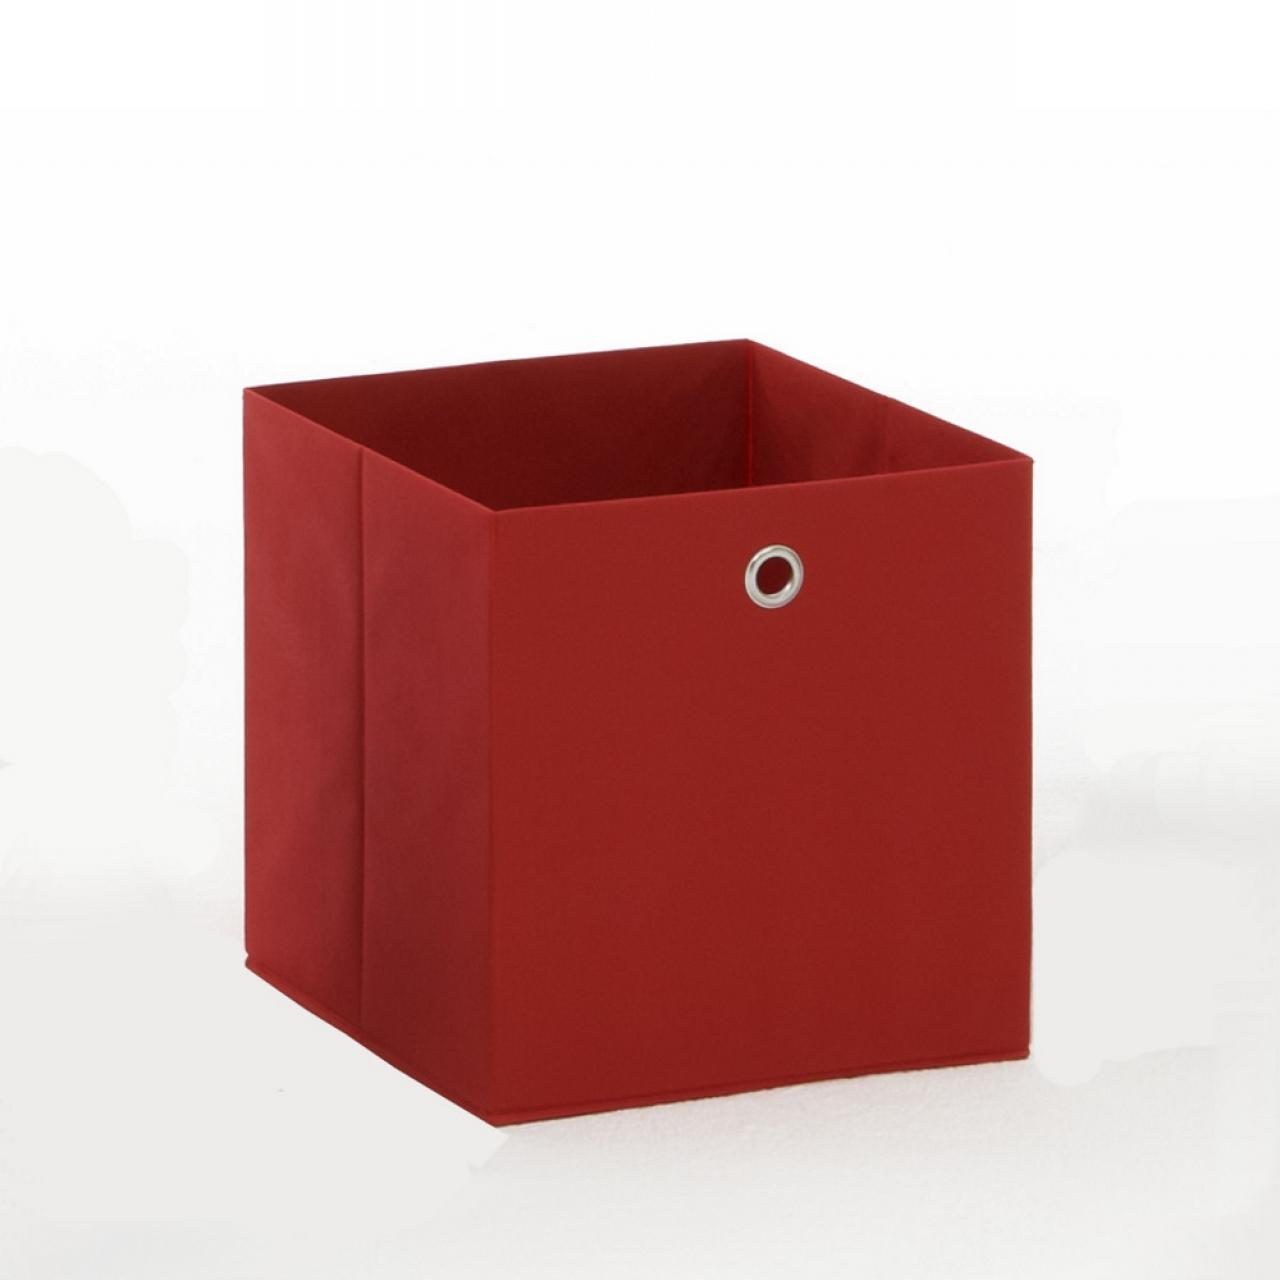 Faltbox Mega 3 Rot